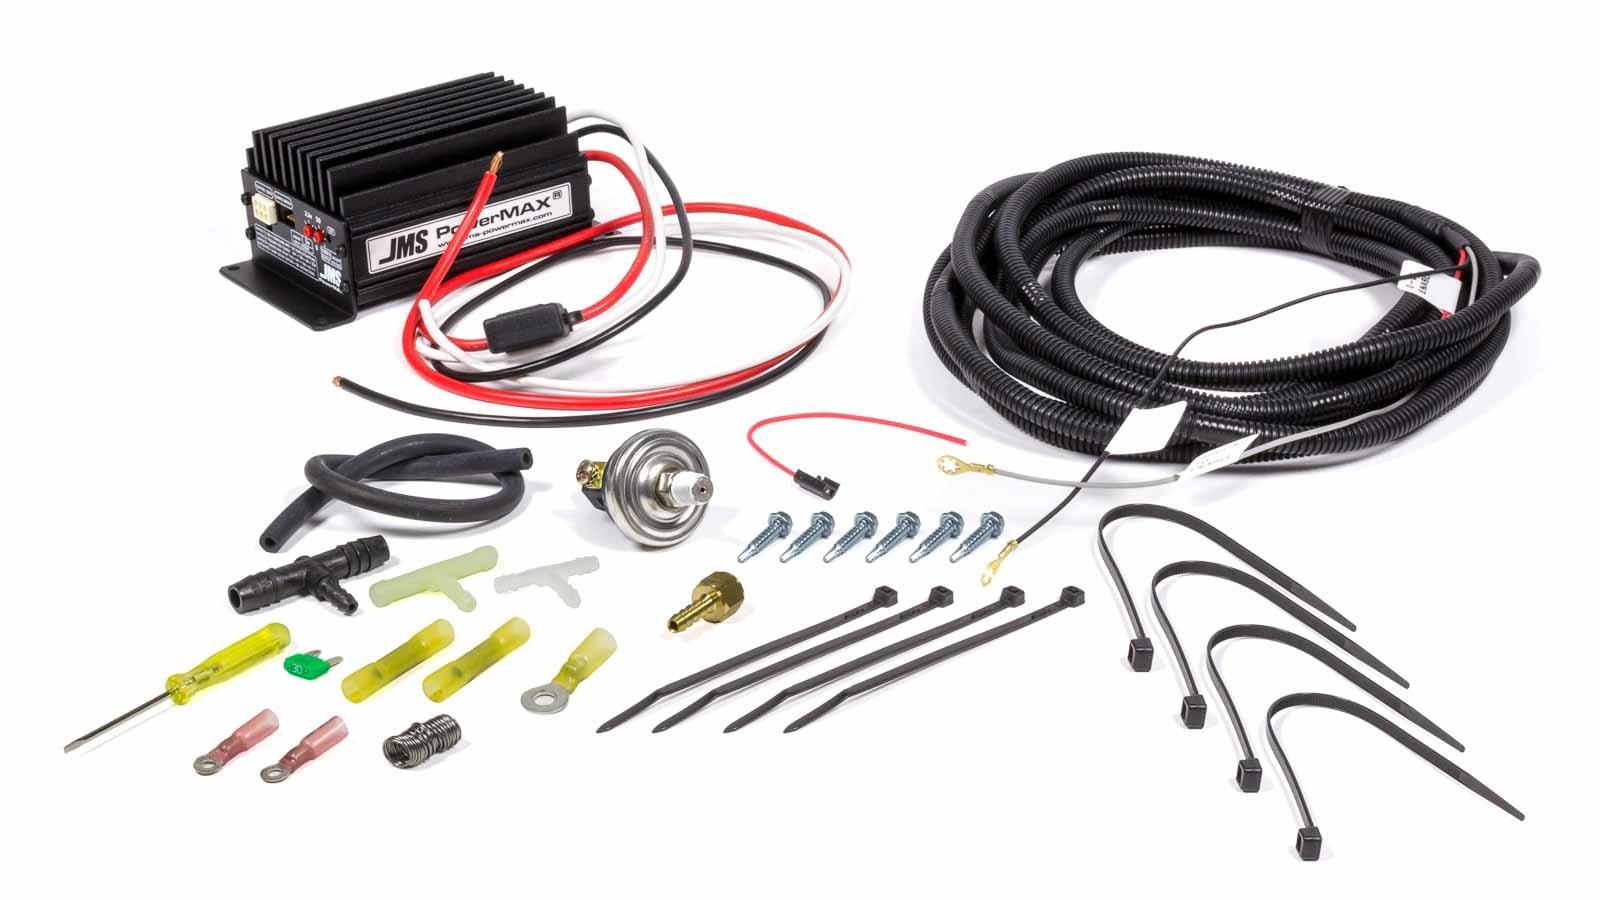 Jms FuelMAX Fuel Pump Voltage Booster V2